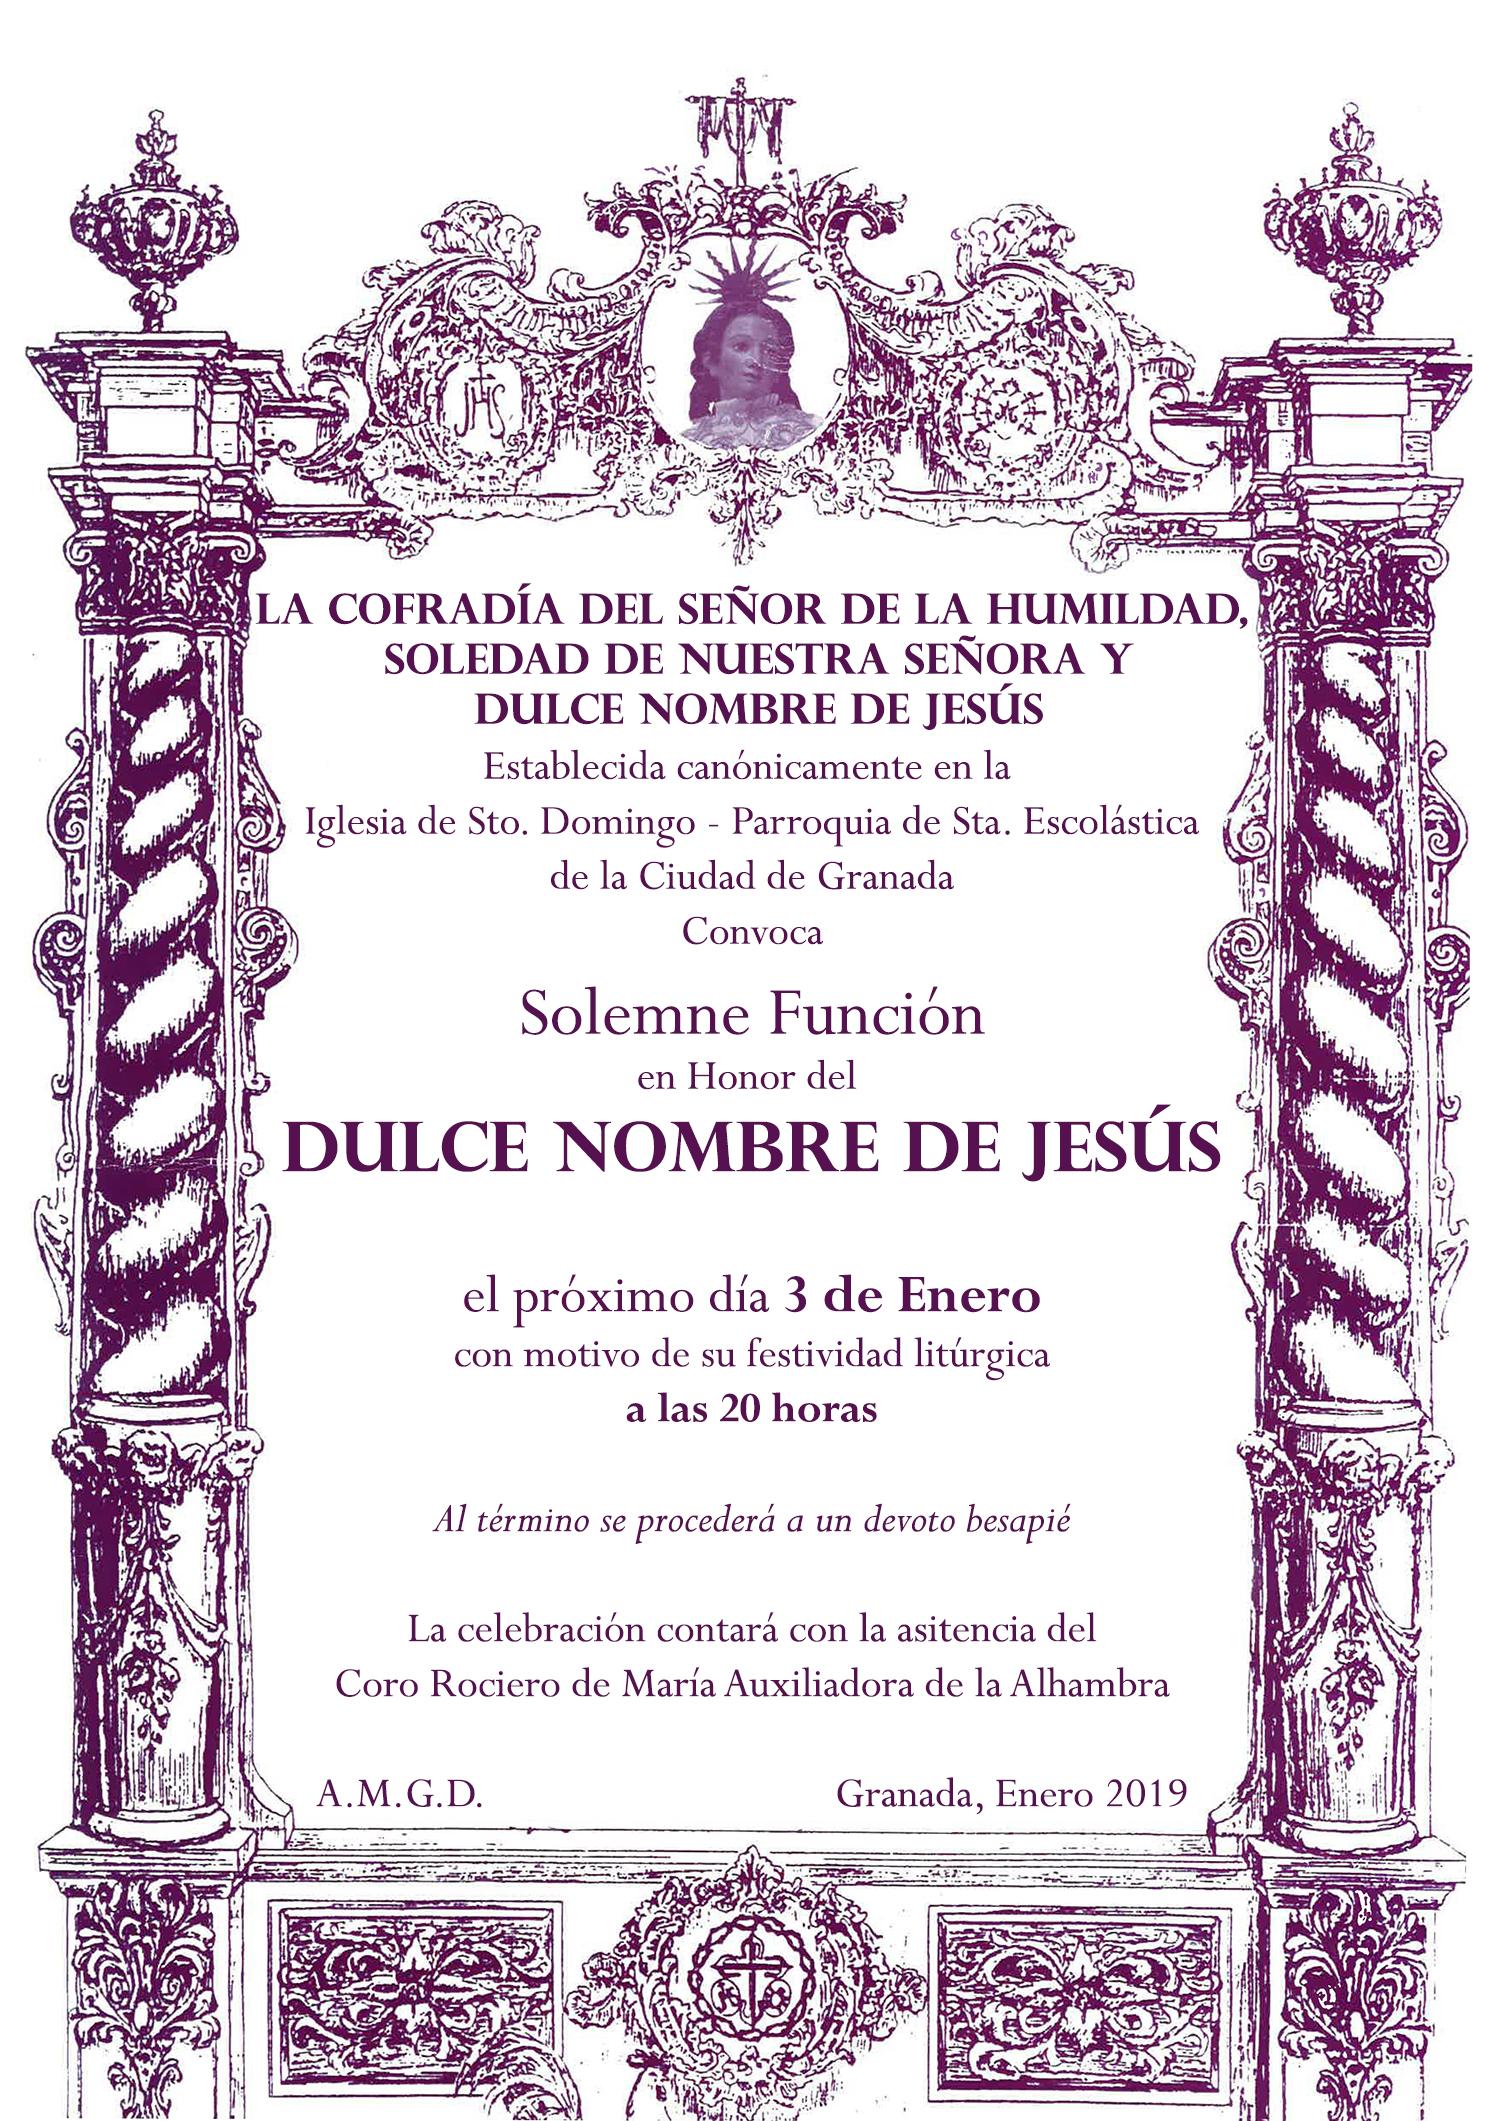 Orla-Función-Dulce-Nombre-de-Jesús 2019